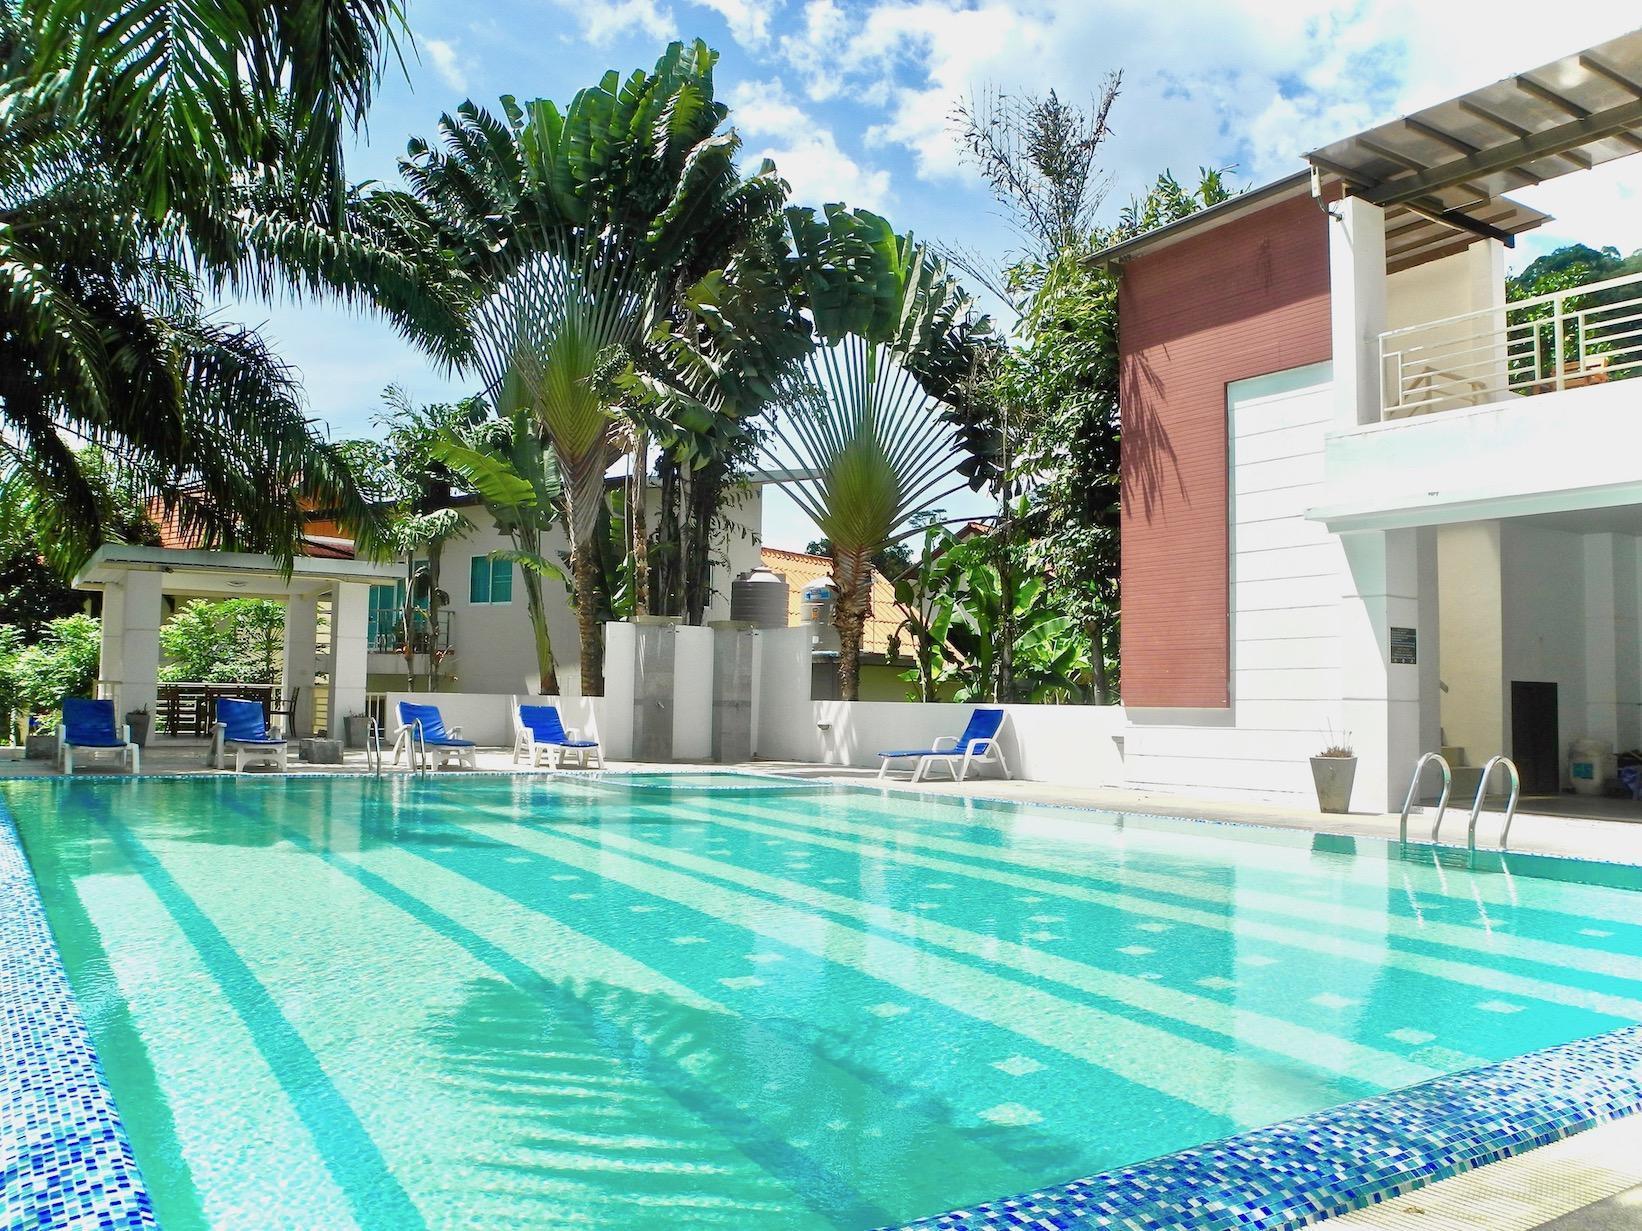 Kamala : Superb 2 bedrooms apartment อพาร์ตเมนต์ 2 ห้องนอน 2 ห้องน้ำส่วนตัว ขนาด 80 ตร.ม. – กมลา